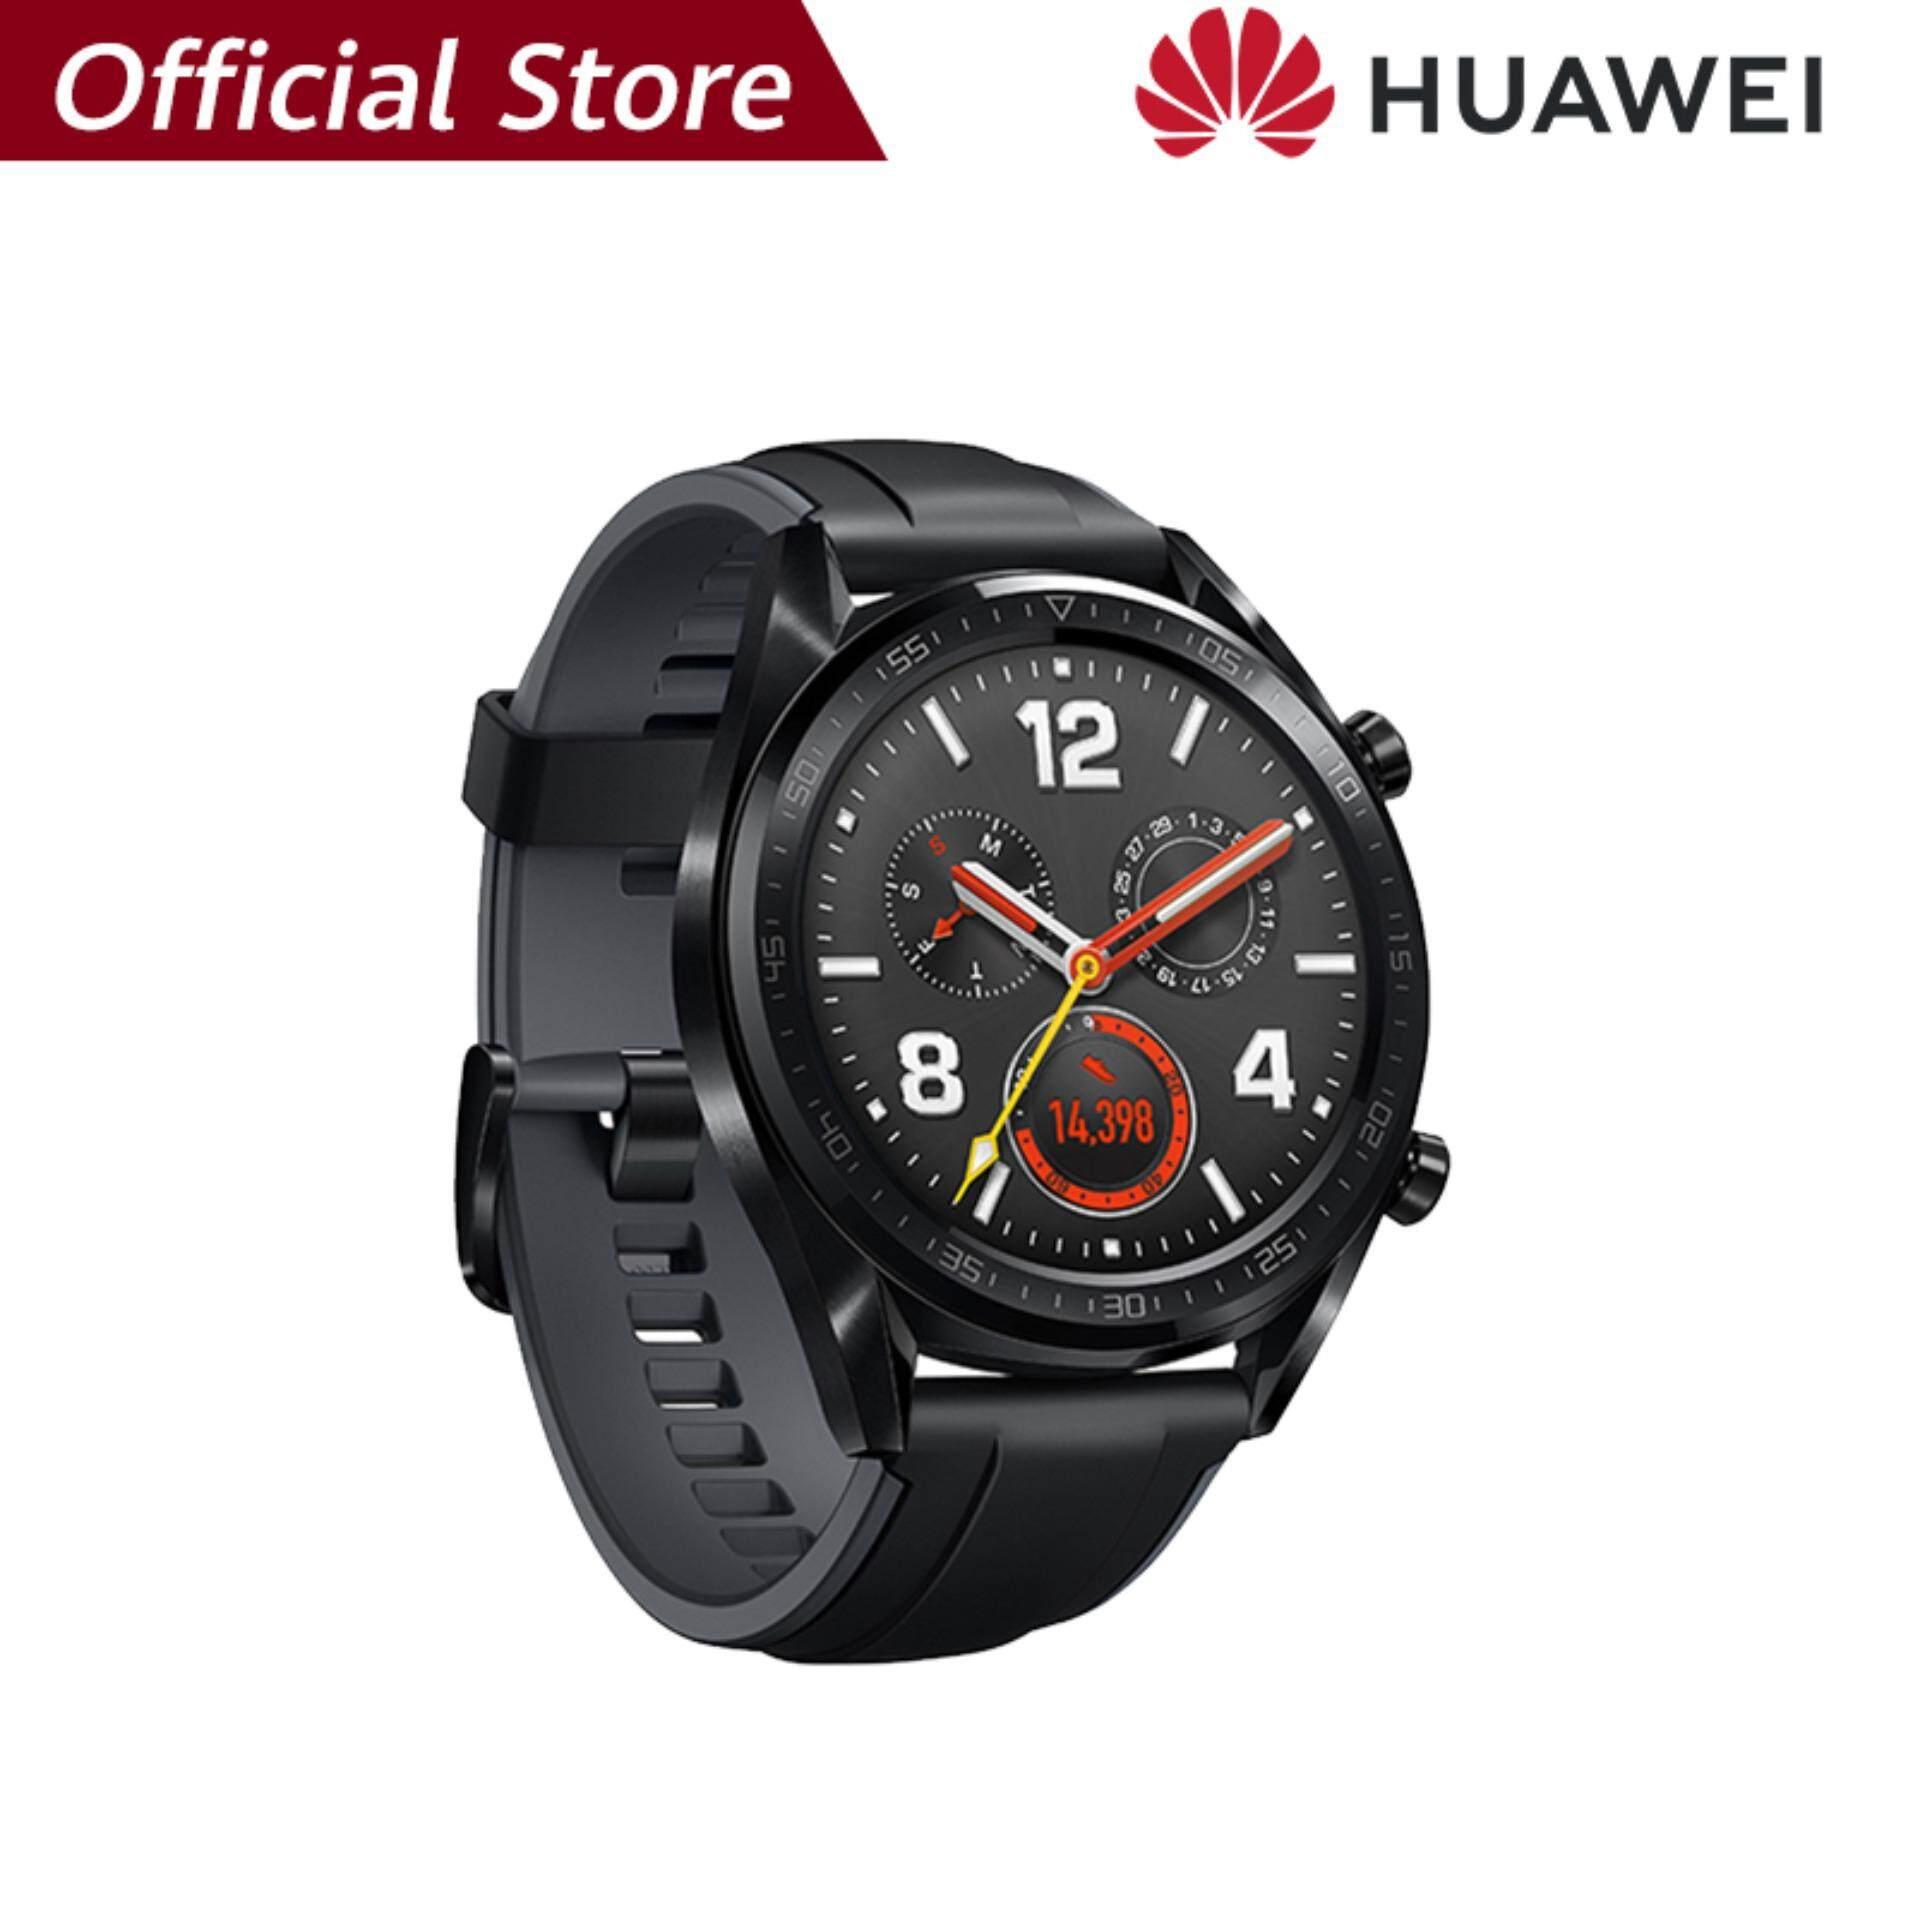 【ผ่อน 0% 10 เดือน】Huawei Watch GT แบตเตอรี่ที่แข็งแกร่ง*รับประกัน 1ปี